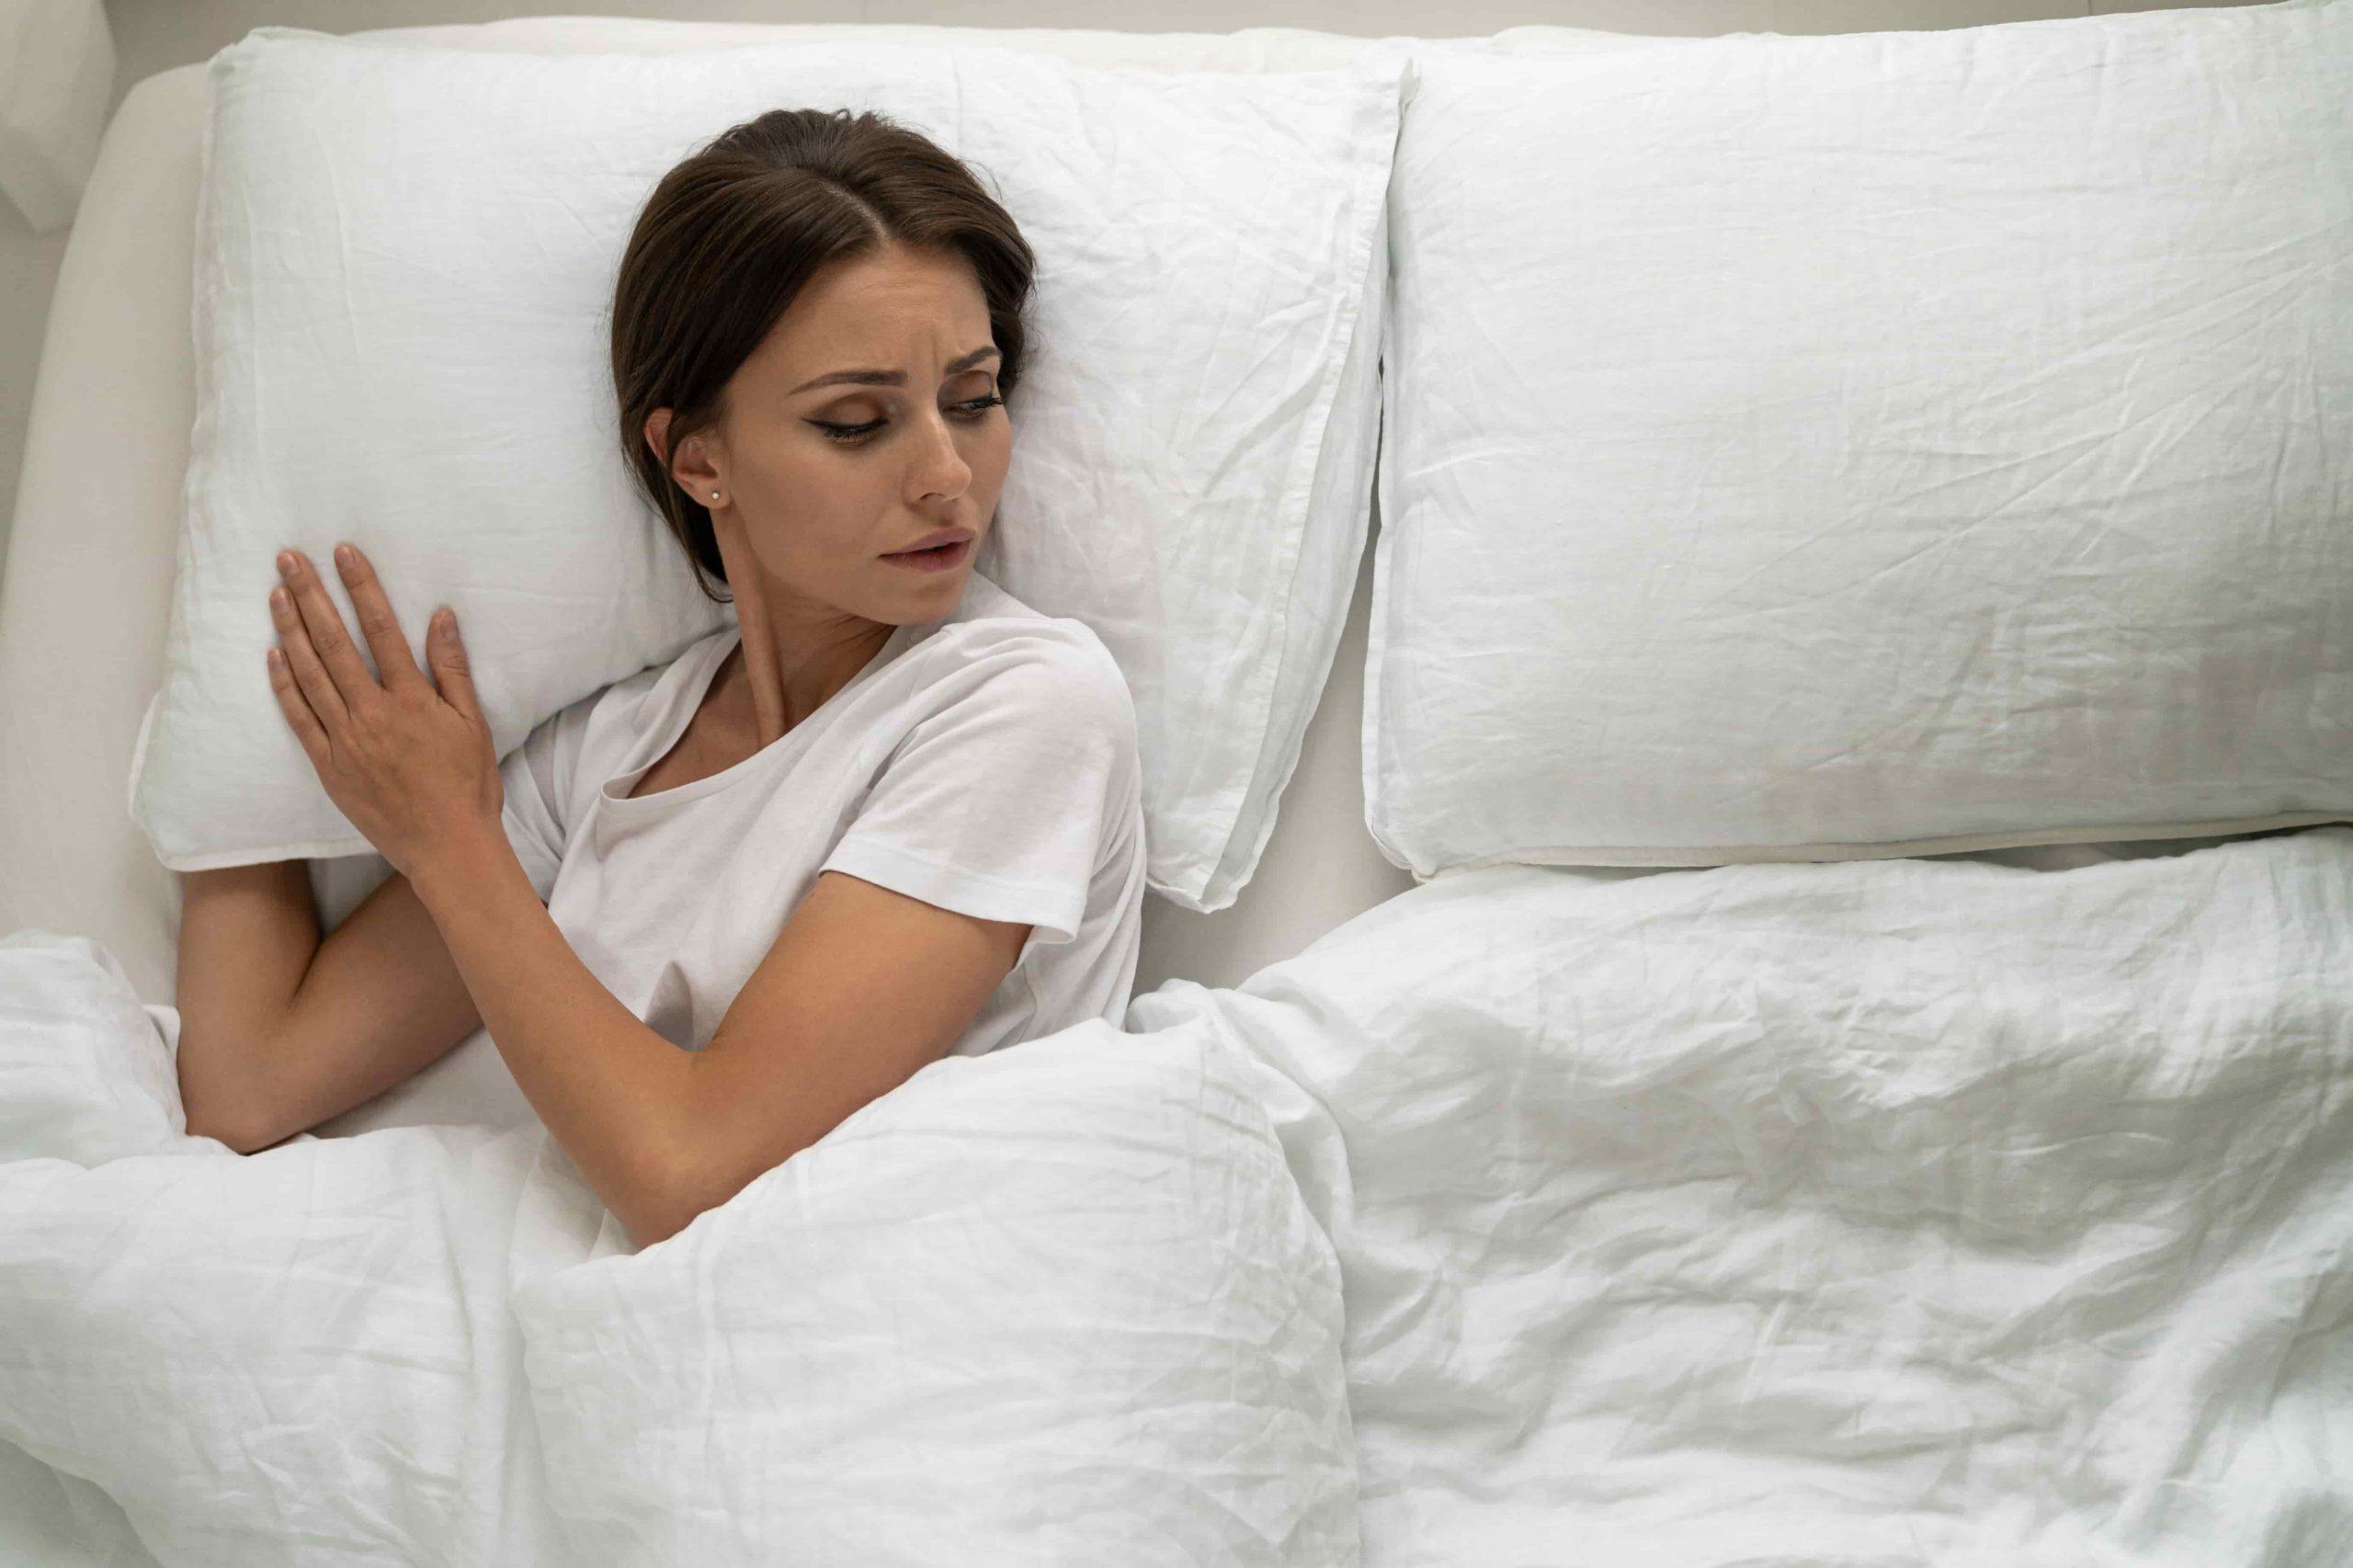 Как пережить развод женщине. Как пережить депрессию после развода